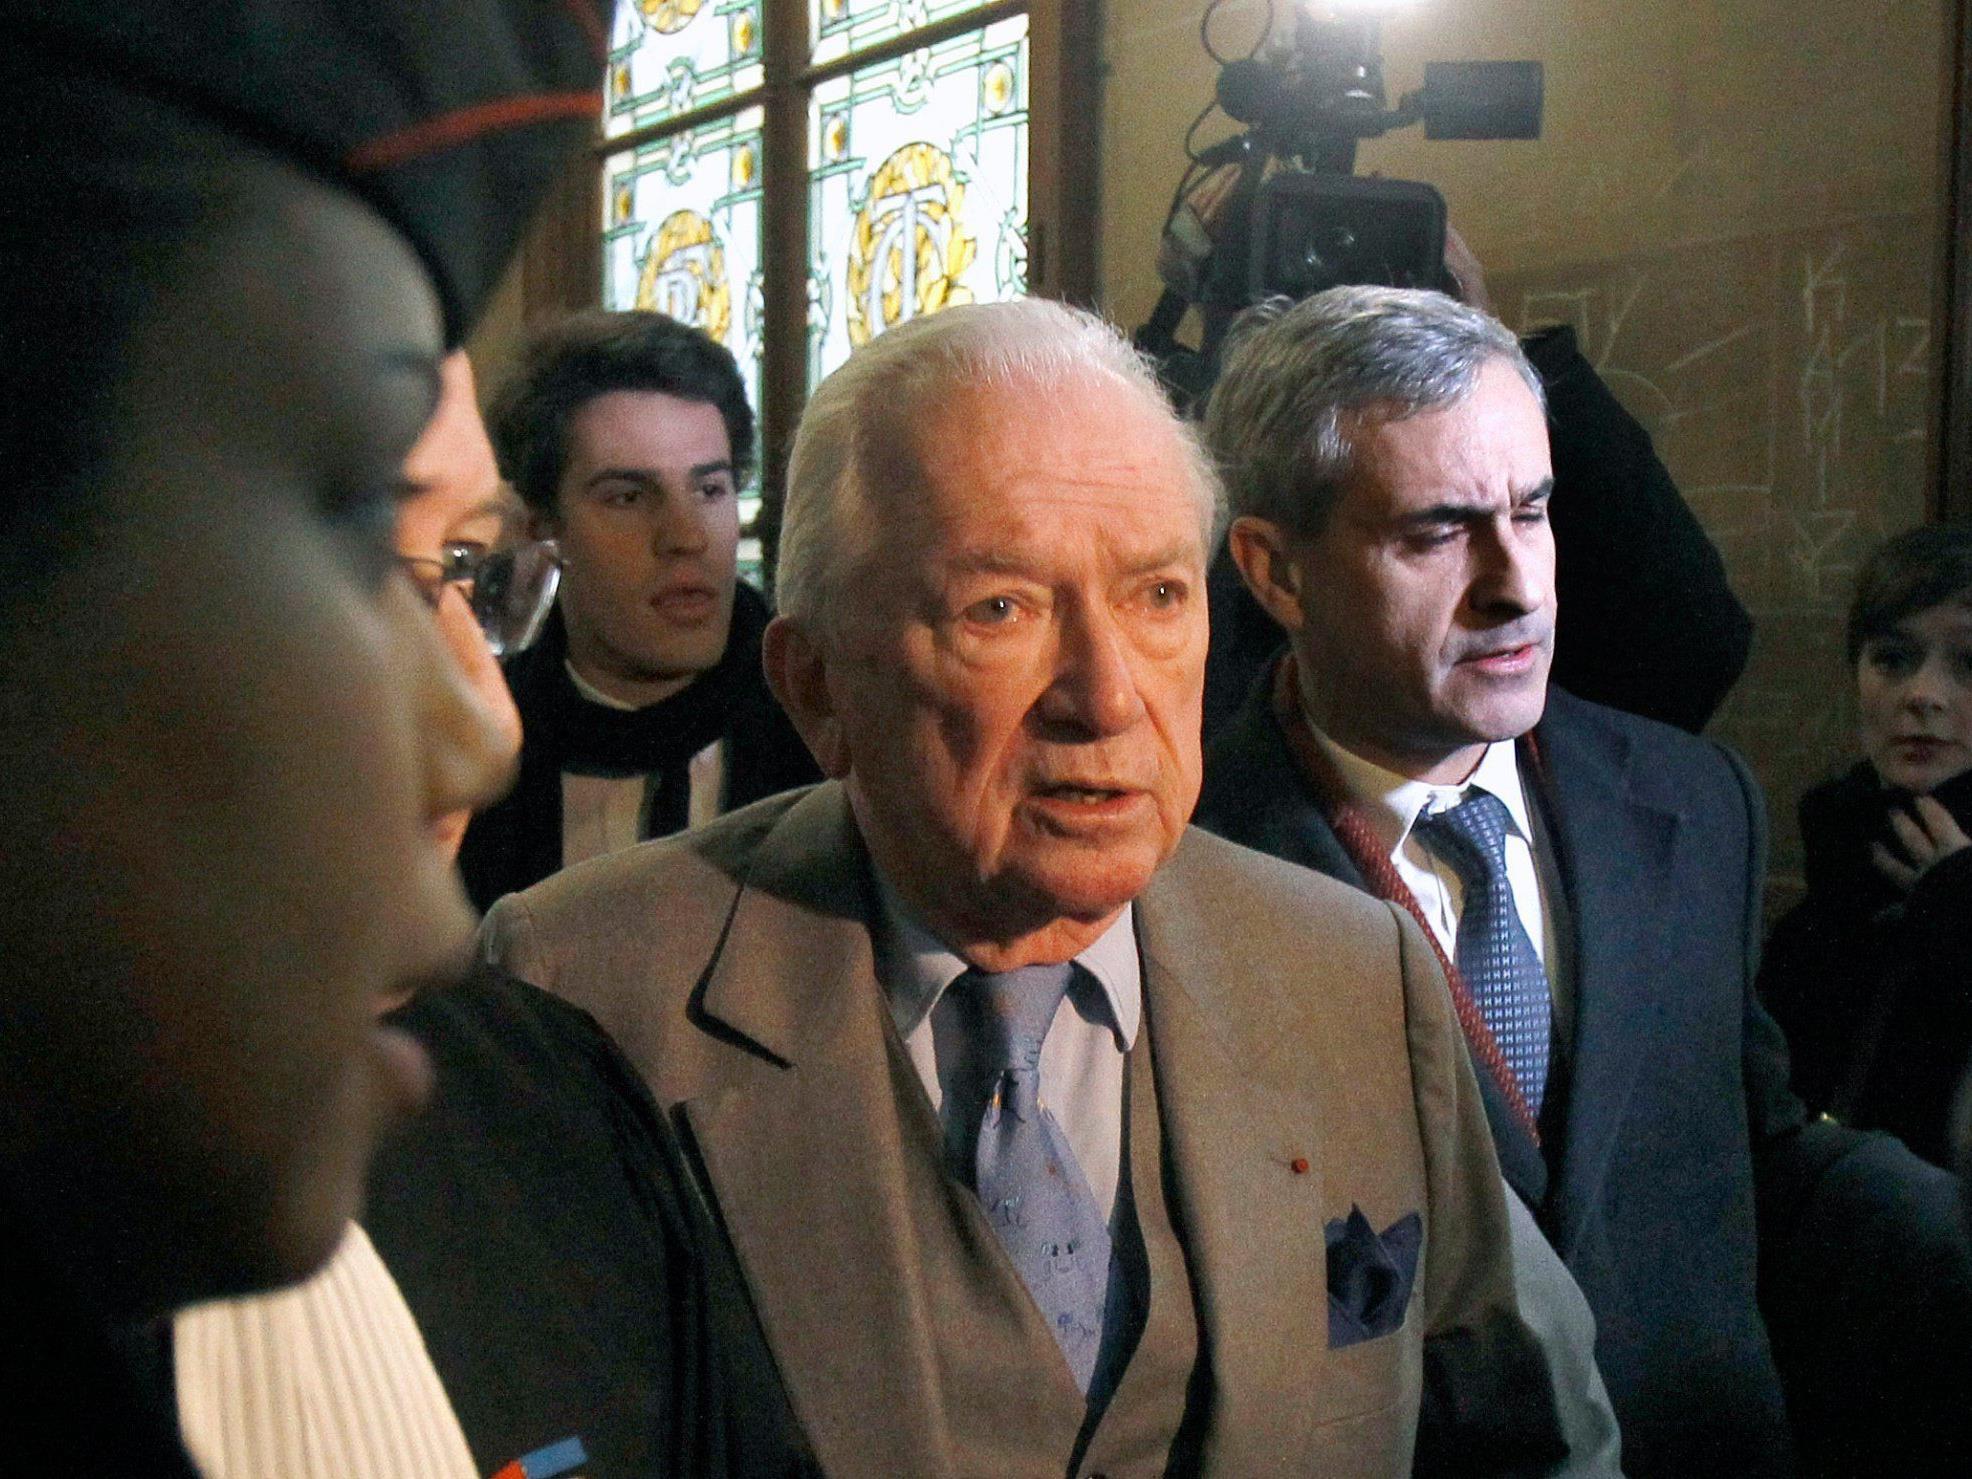 m Prozess hatte Guerlain versucht, die Äusserungen herunterzuspielen und um Verzeihung gebeten.